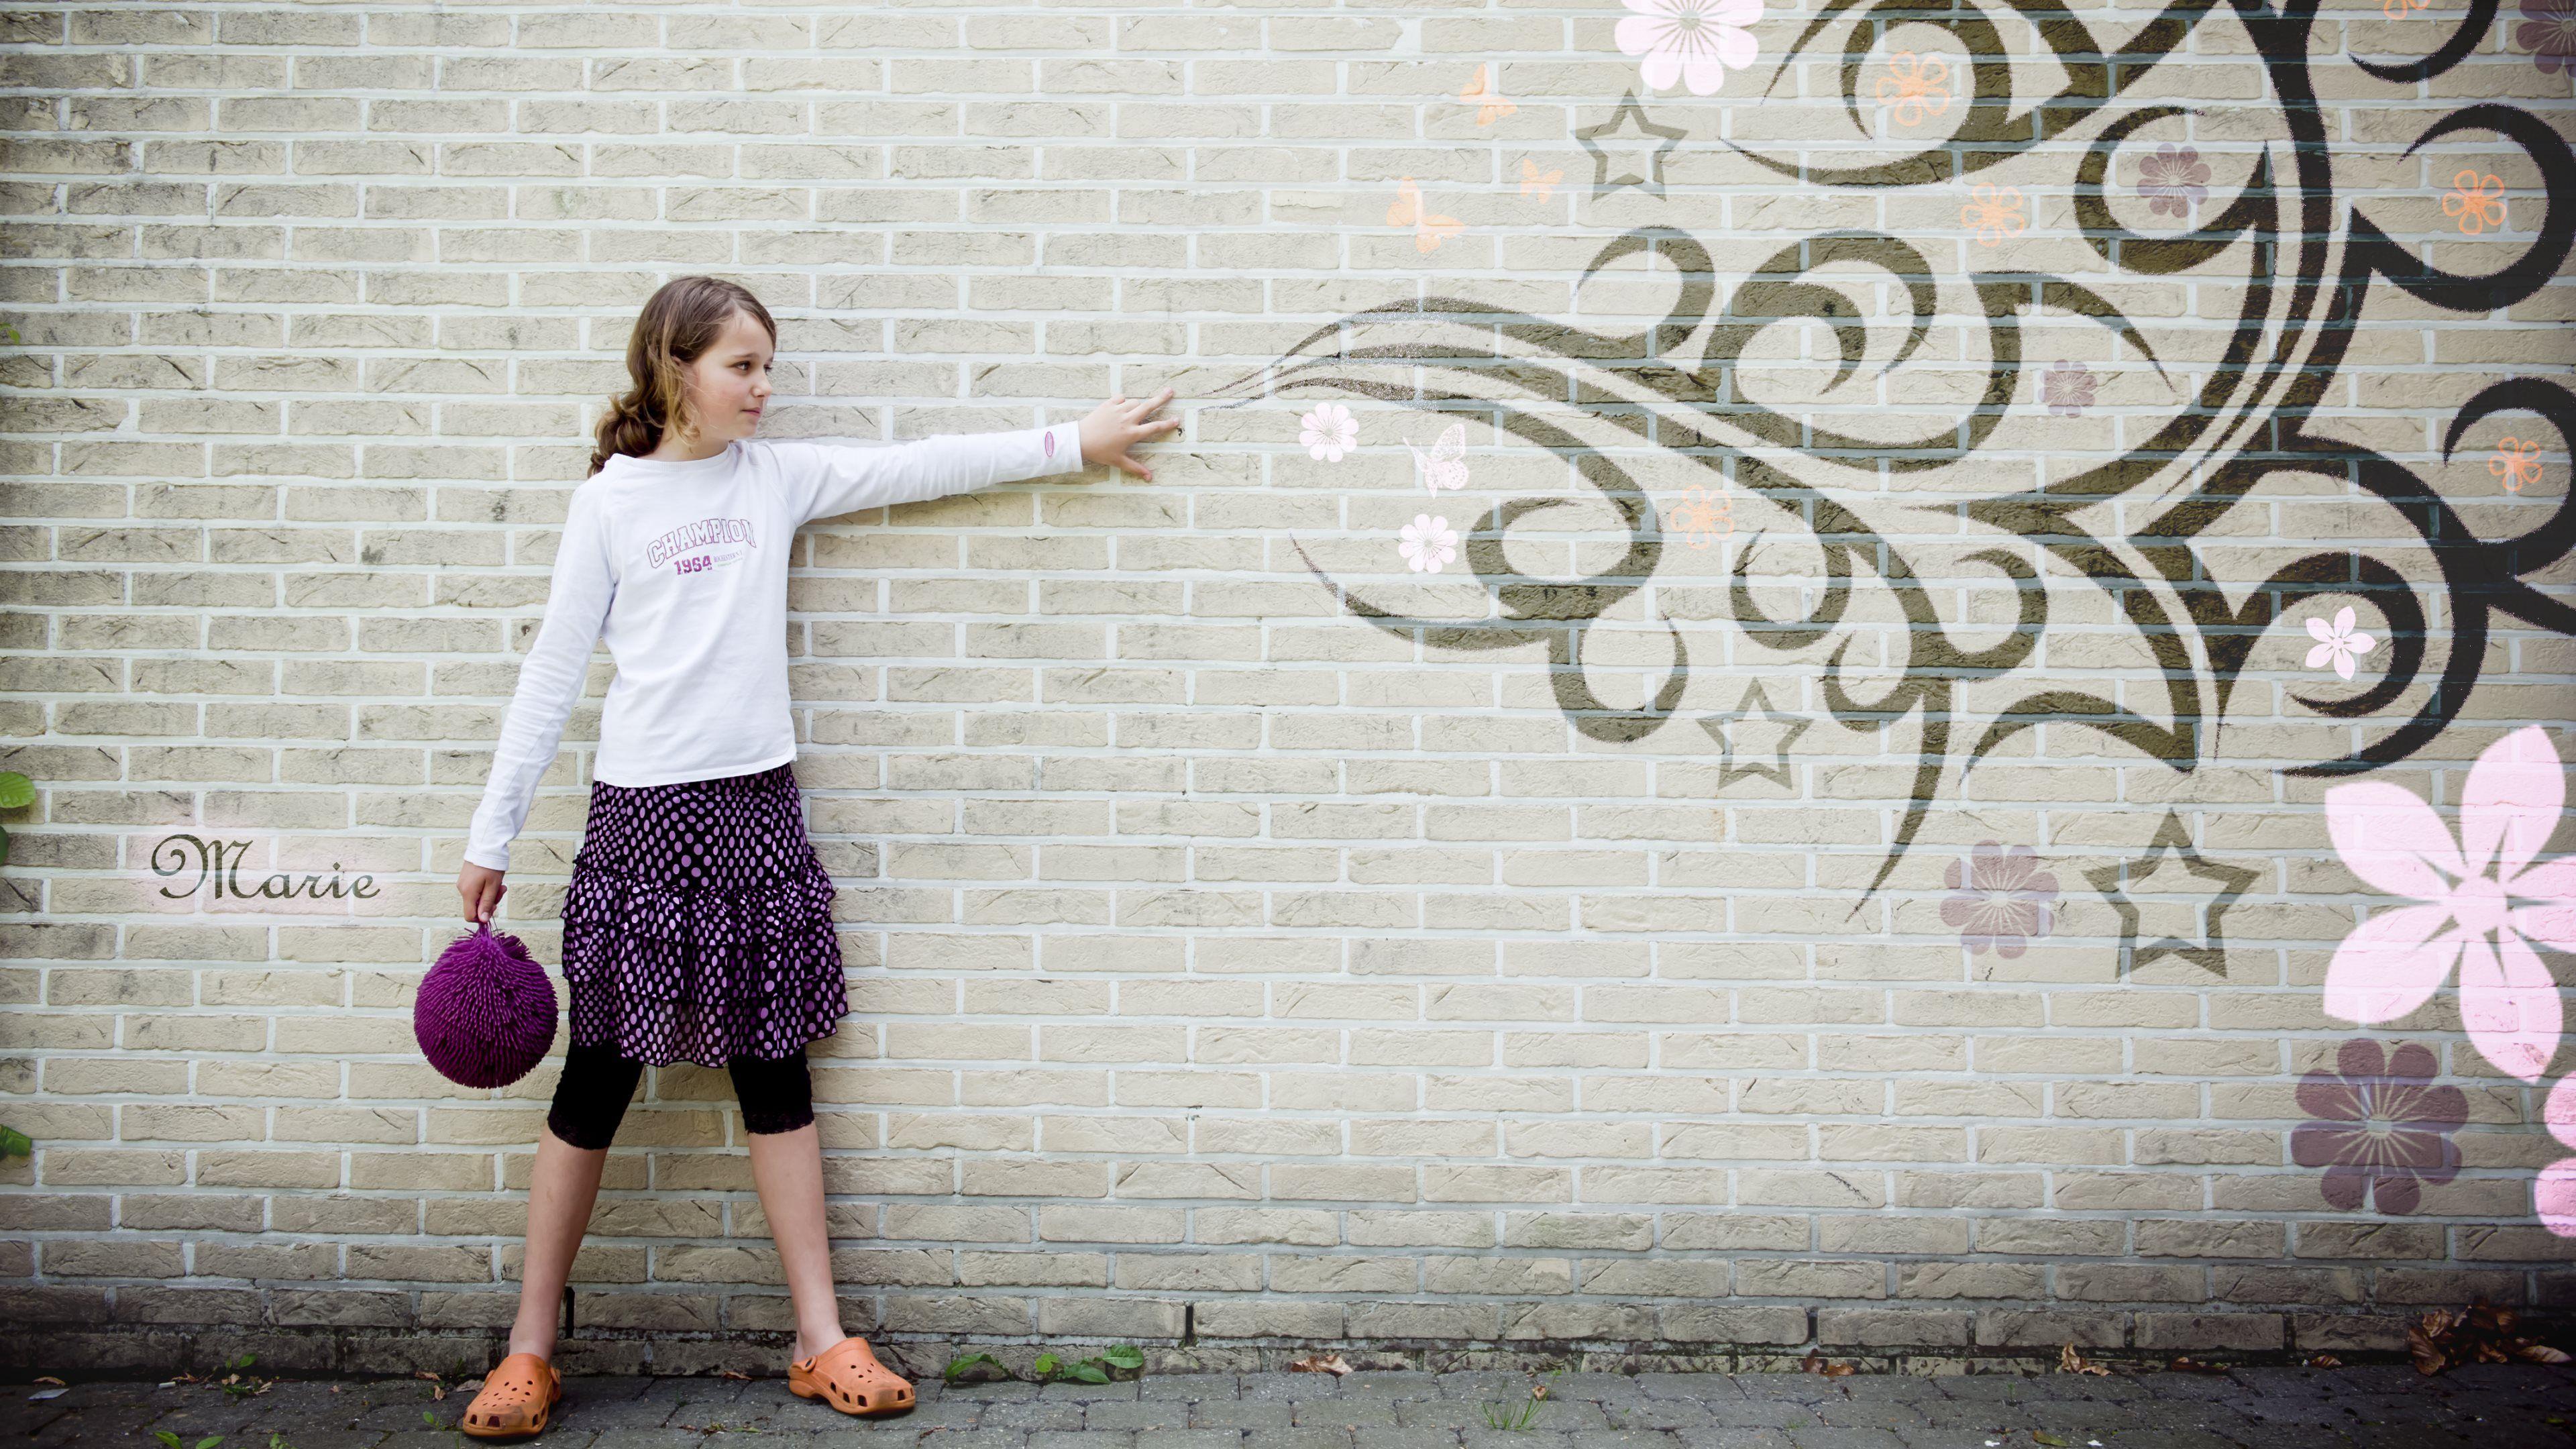 Interactive graffiti wall uk - Creative Graffiti On Wall